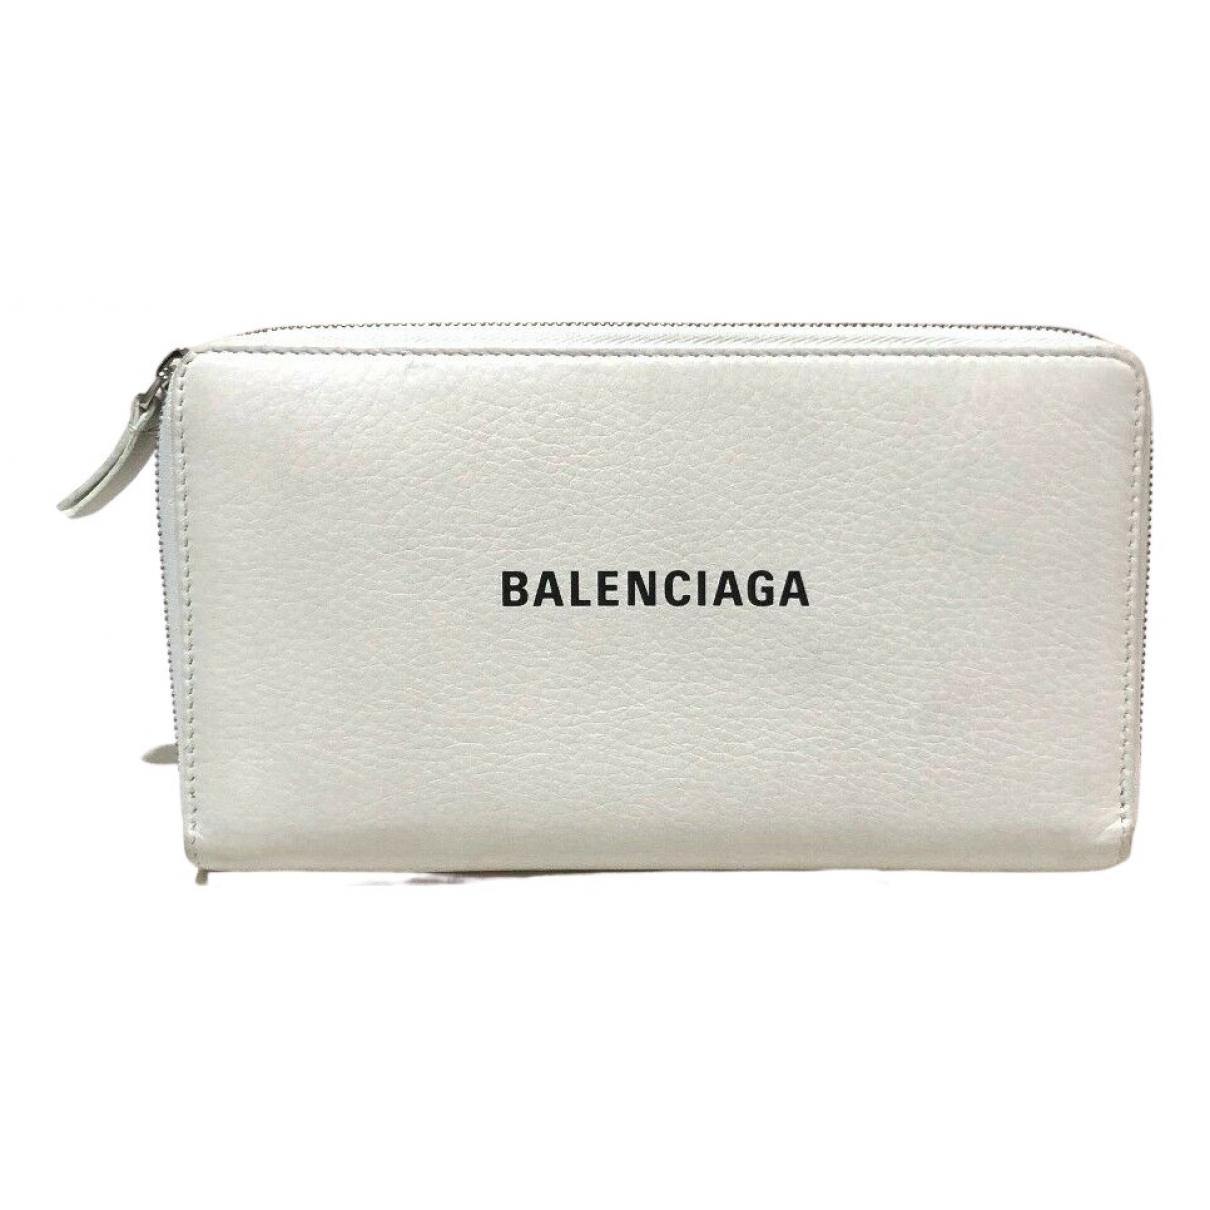 Balenciaga N Leather wallet for Women N